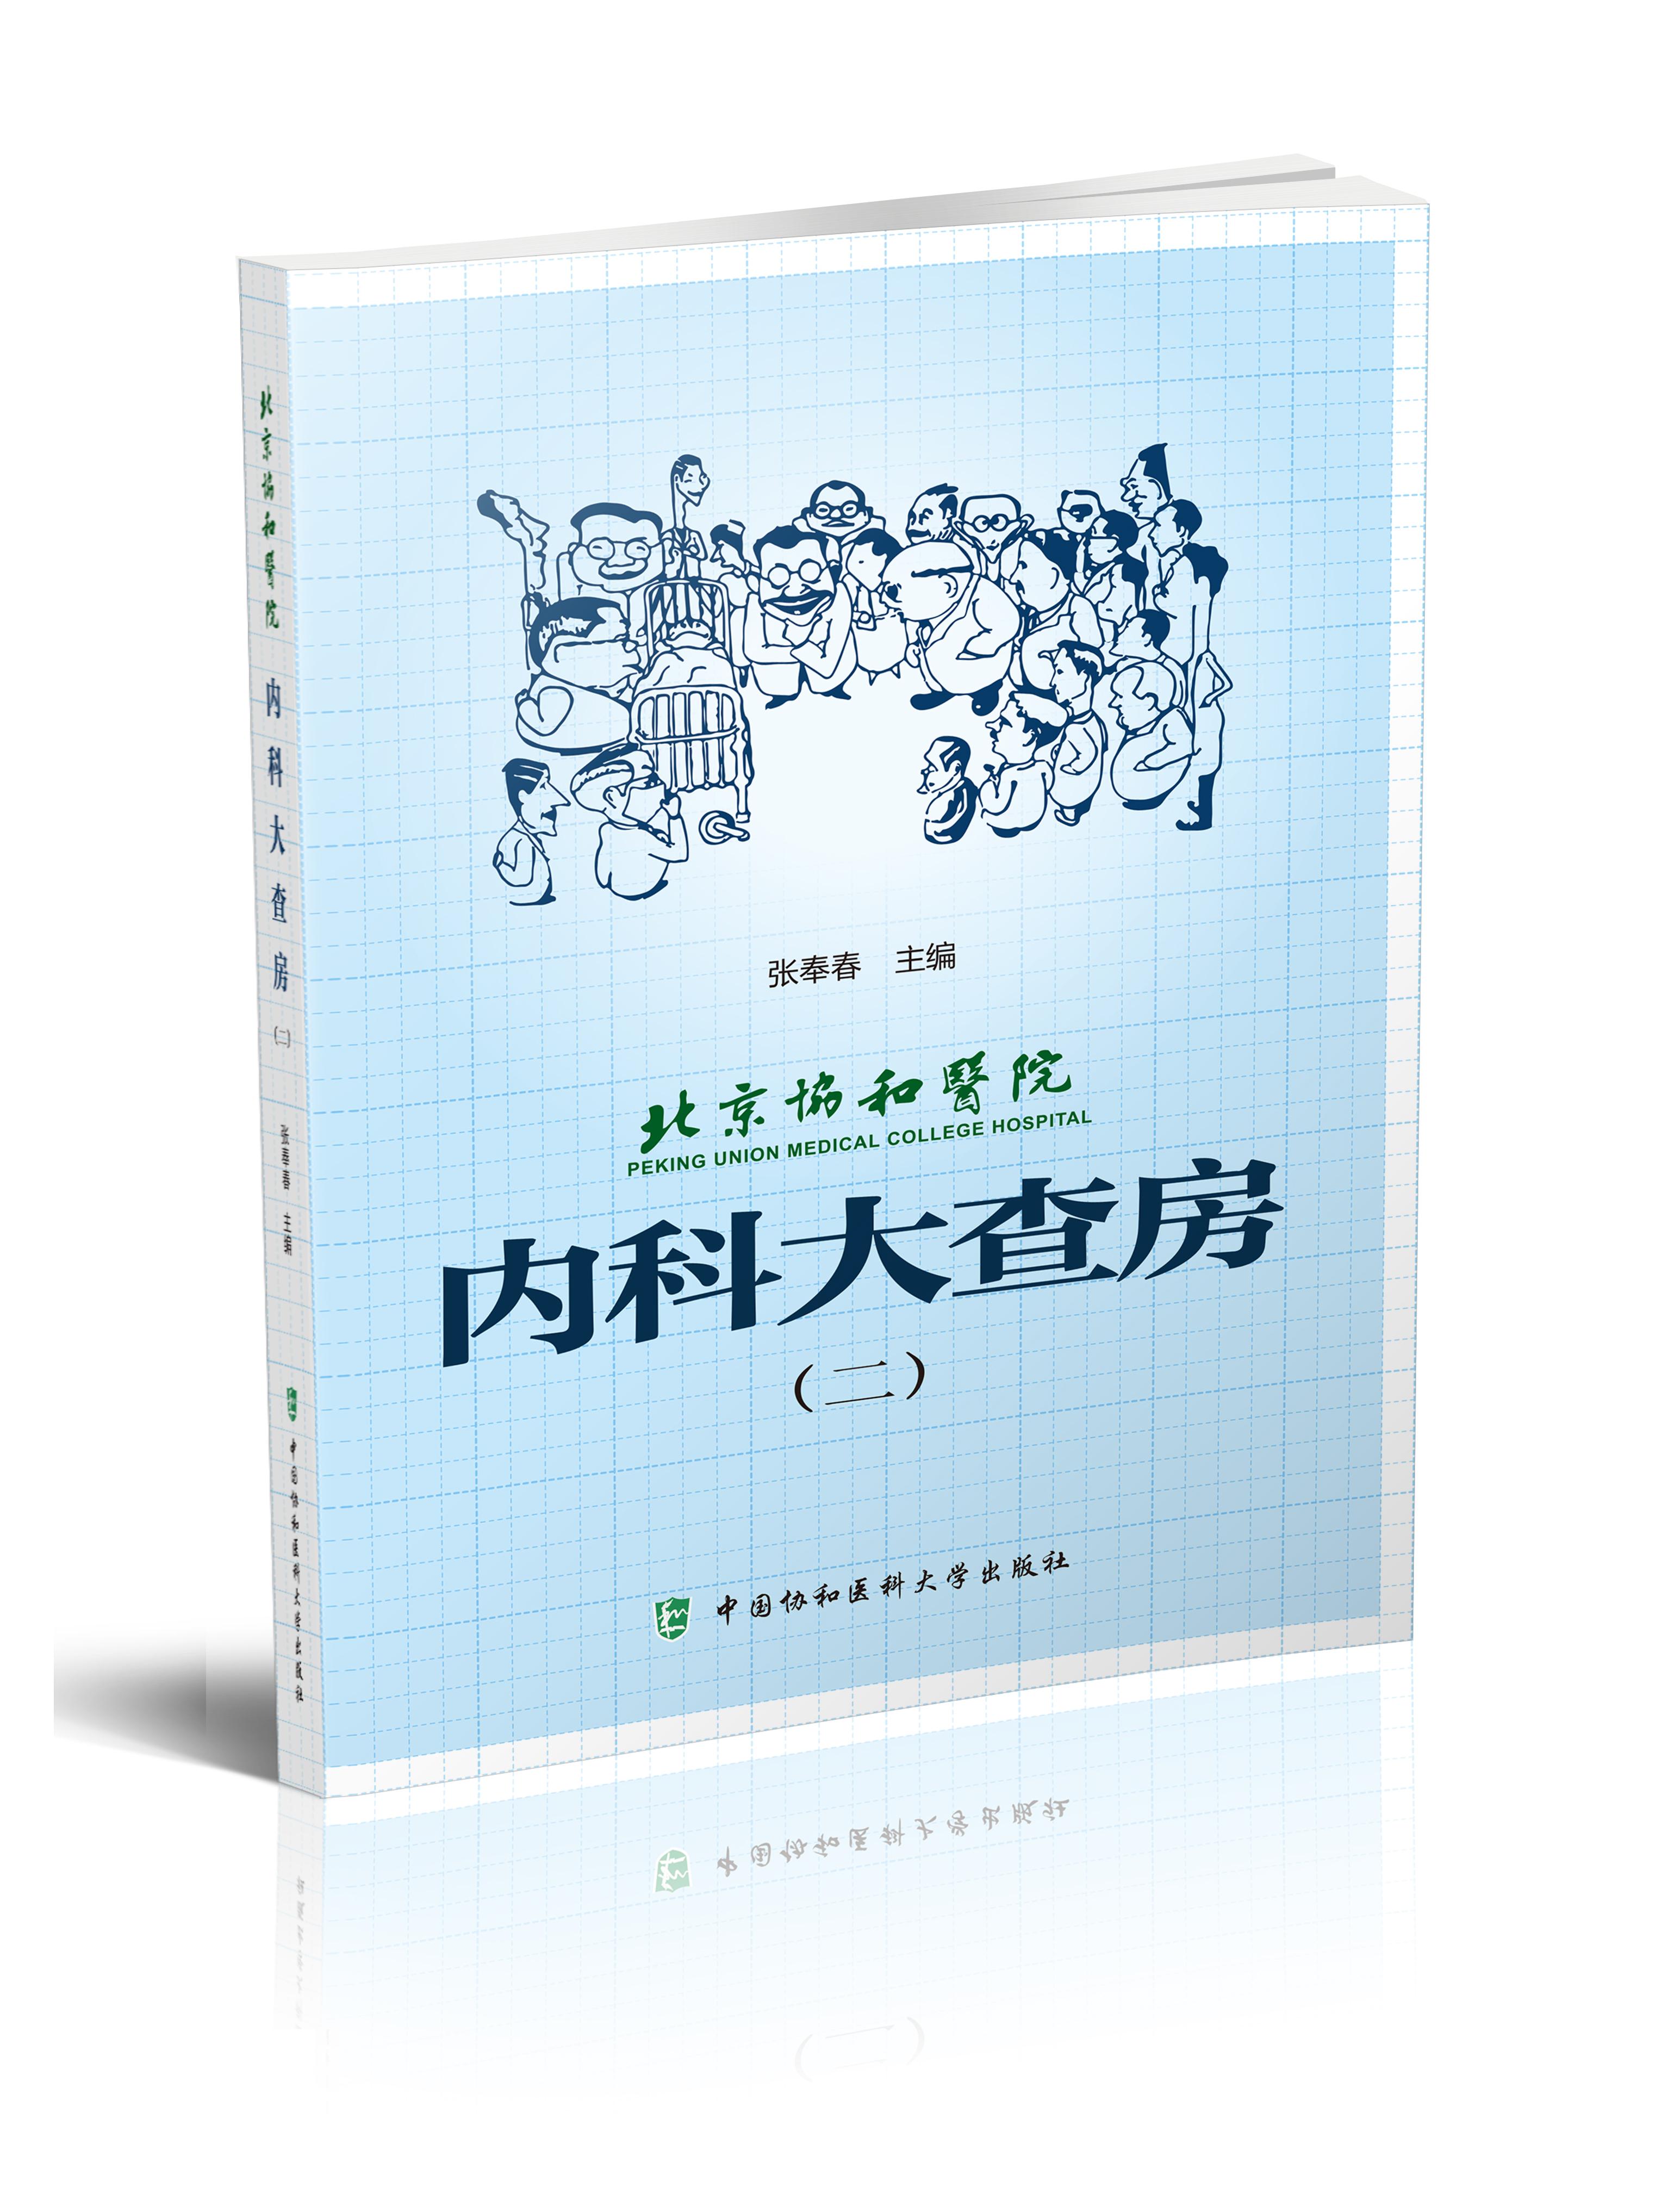 北京協和醫院內科大查房(二)